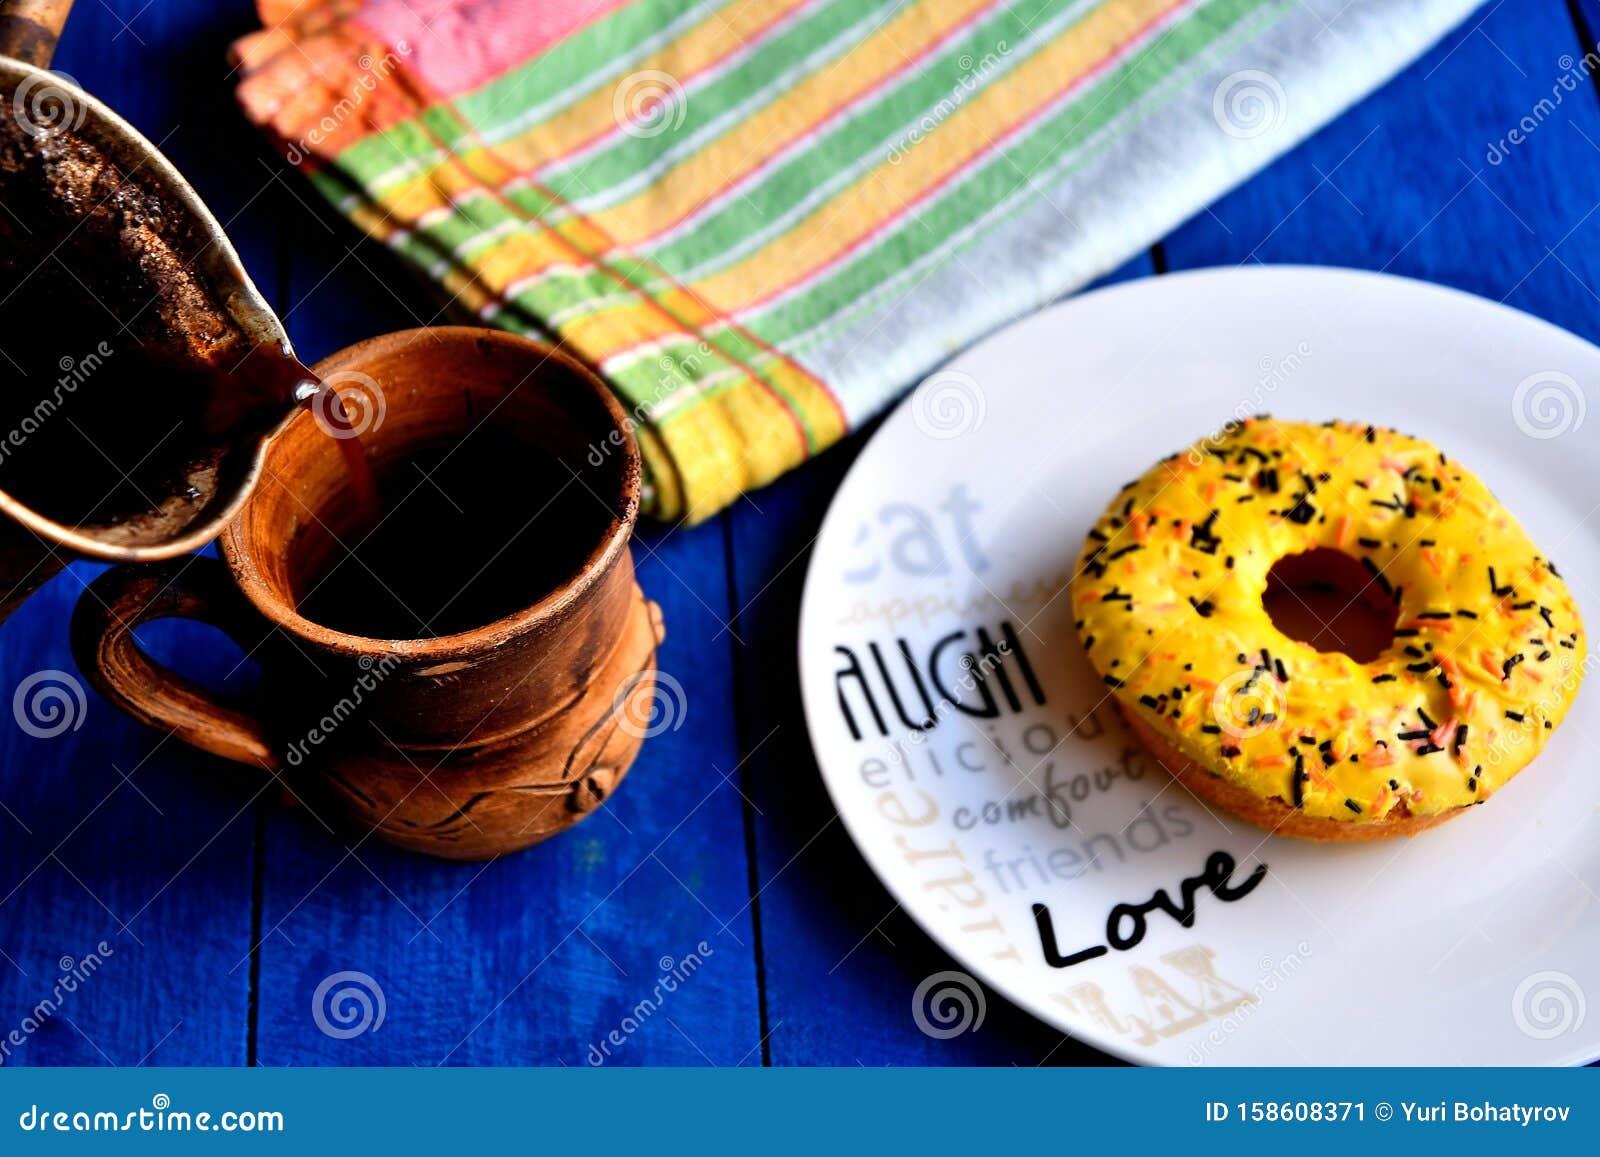 Turk Homemade